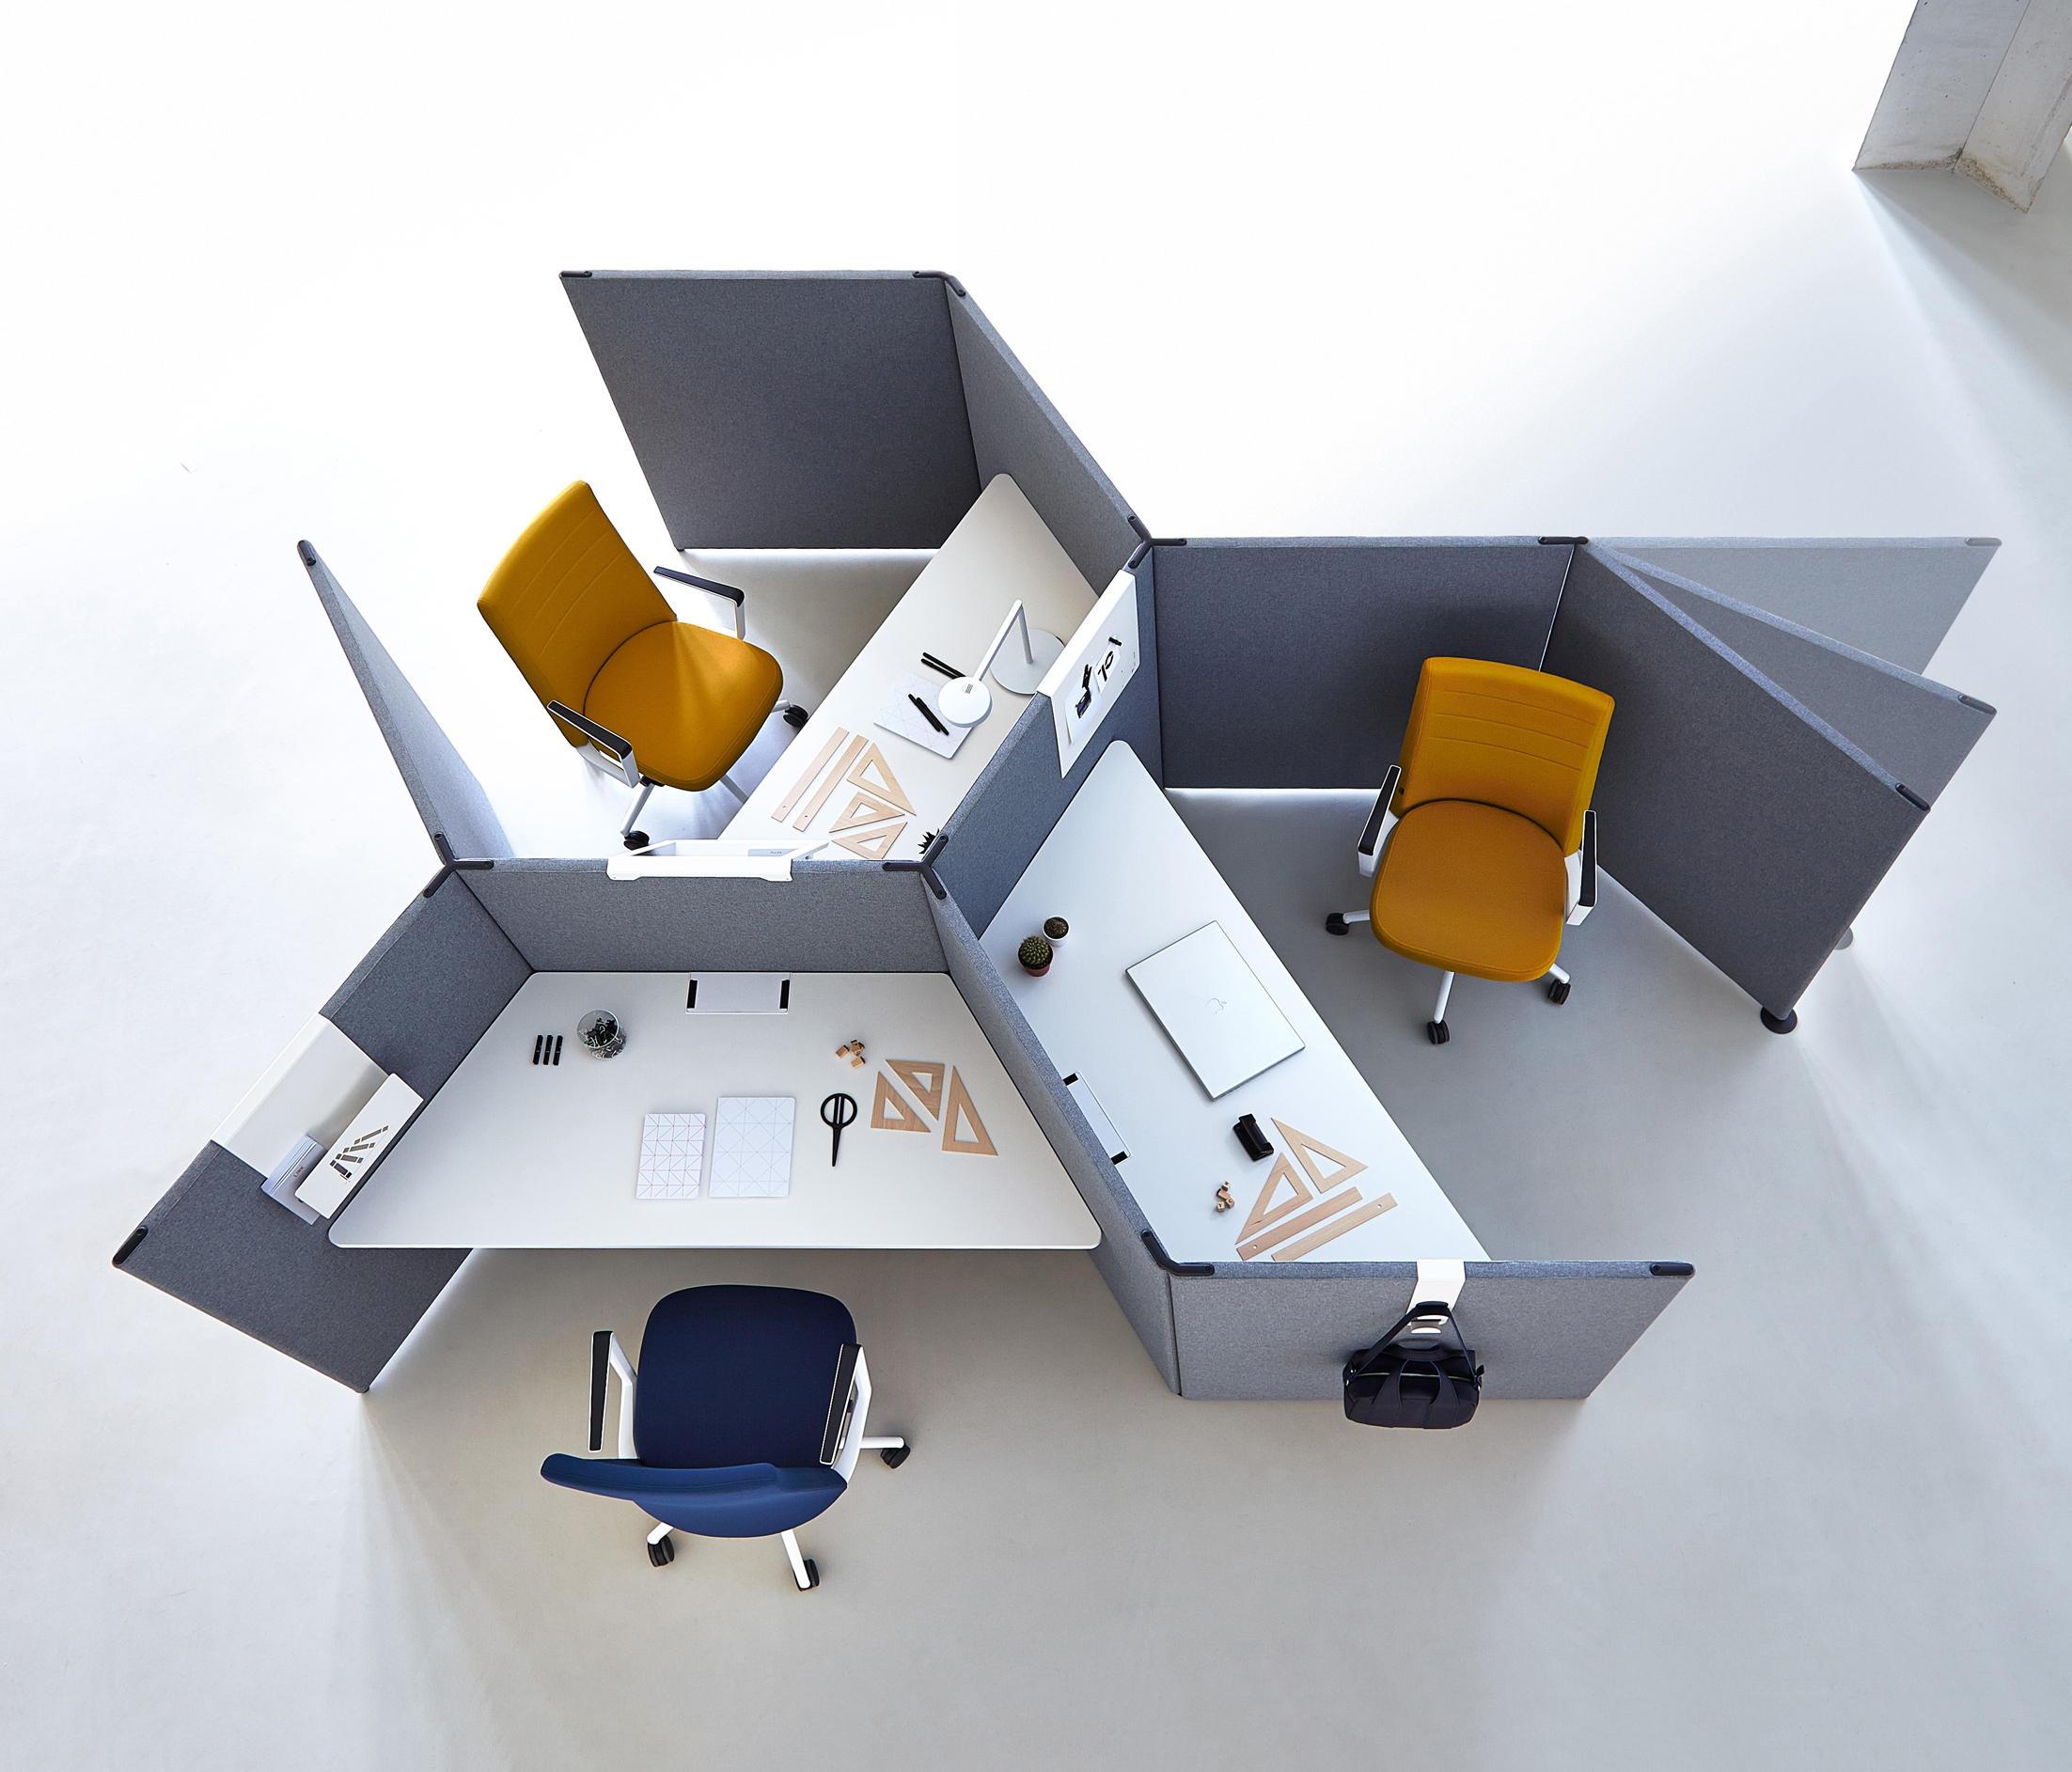 Một số kiểu bàn văn phòng hiện đại theo xu thế năm 2019